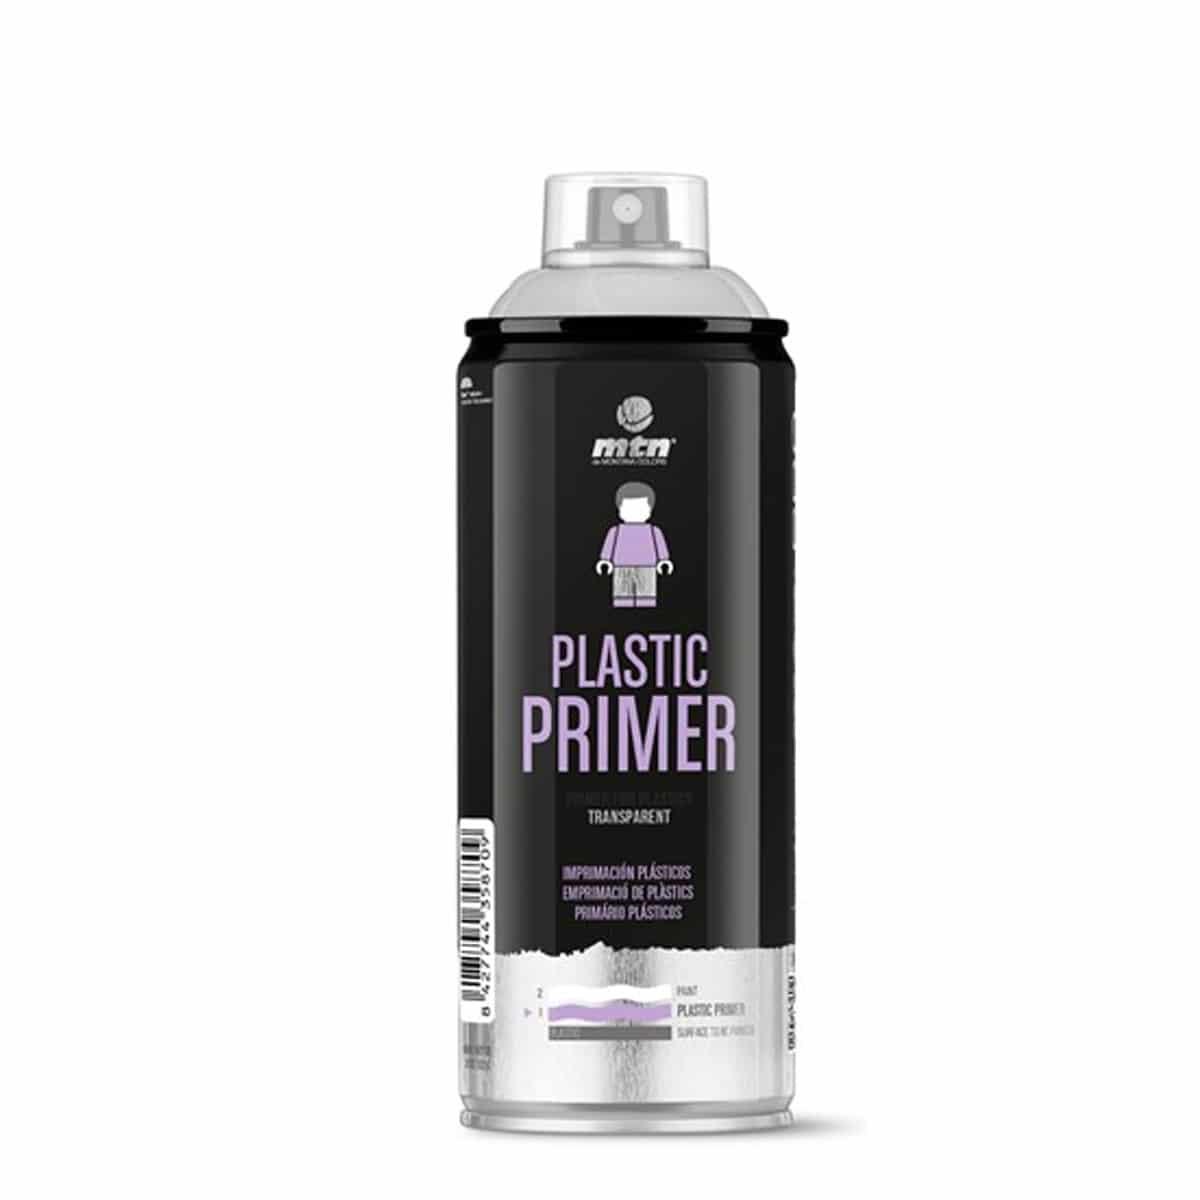 ספריי פריימר לפלסטיק | MTN PRO Plastic Primer